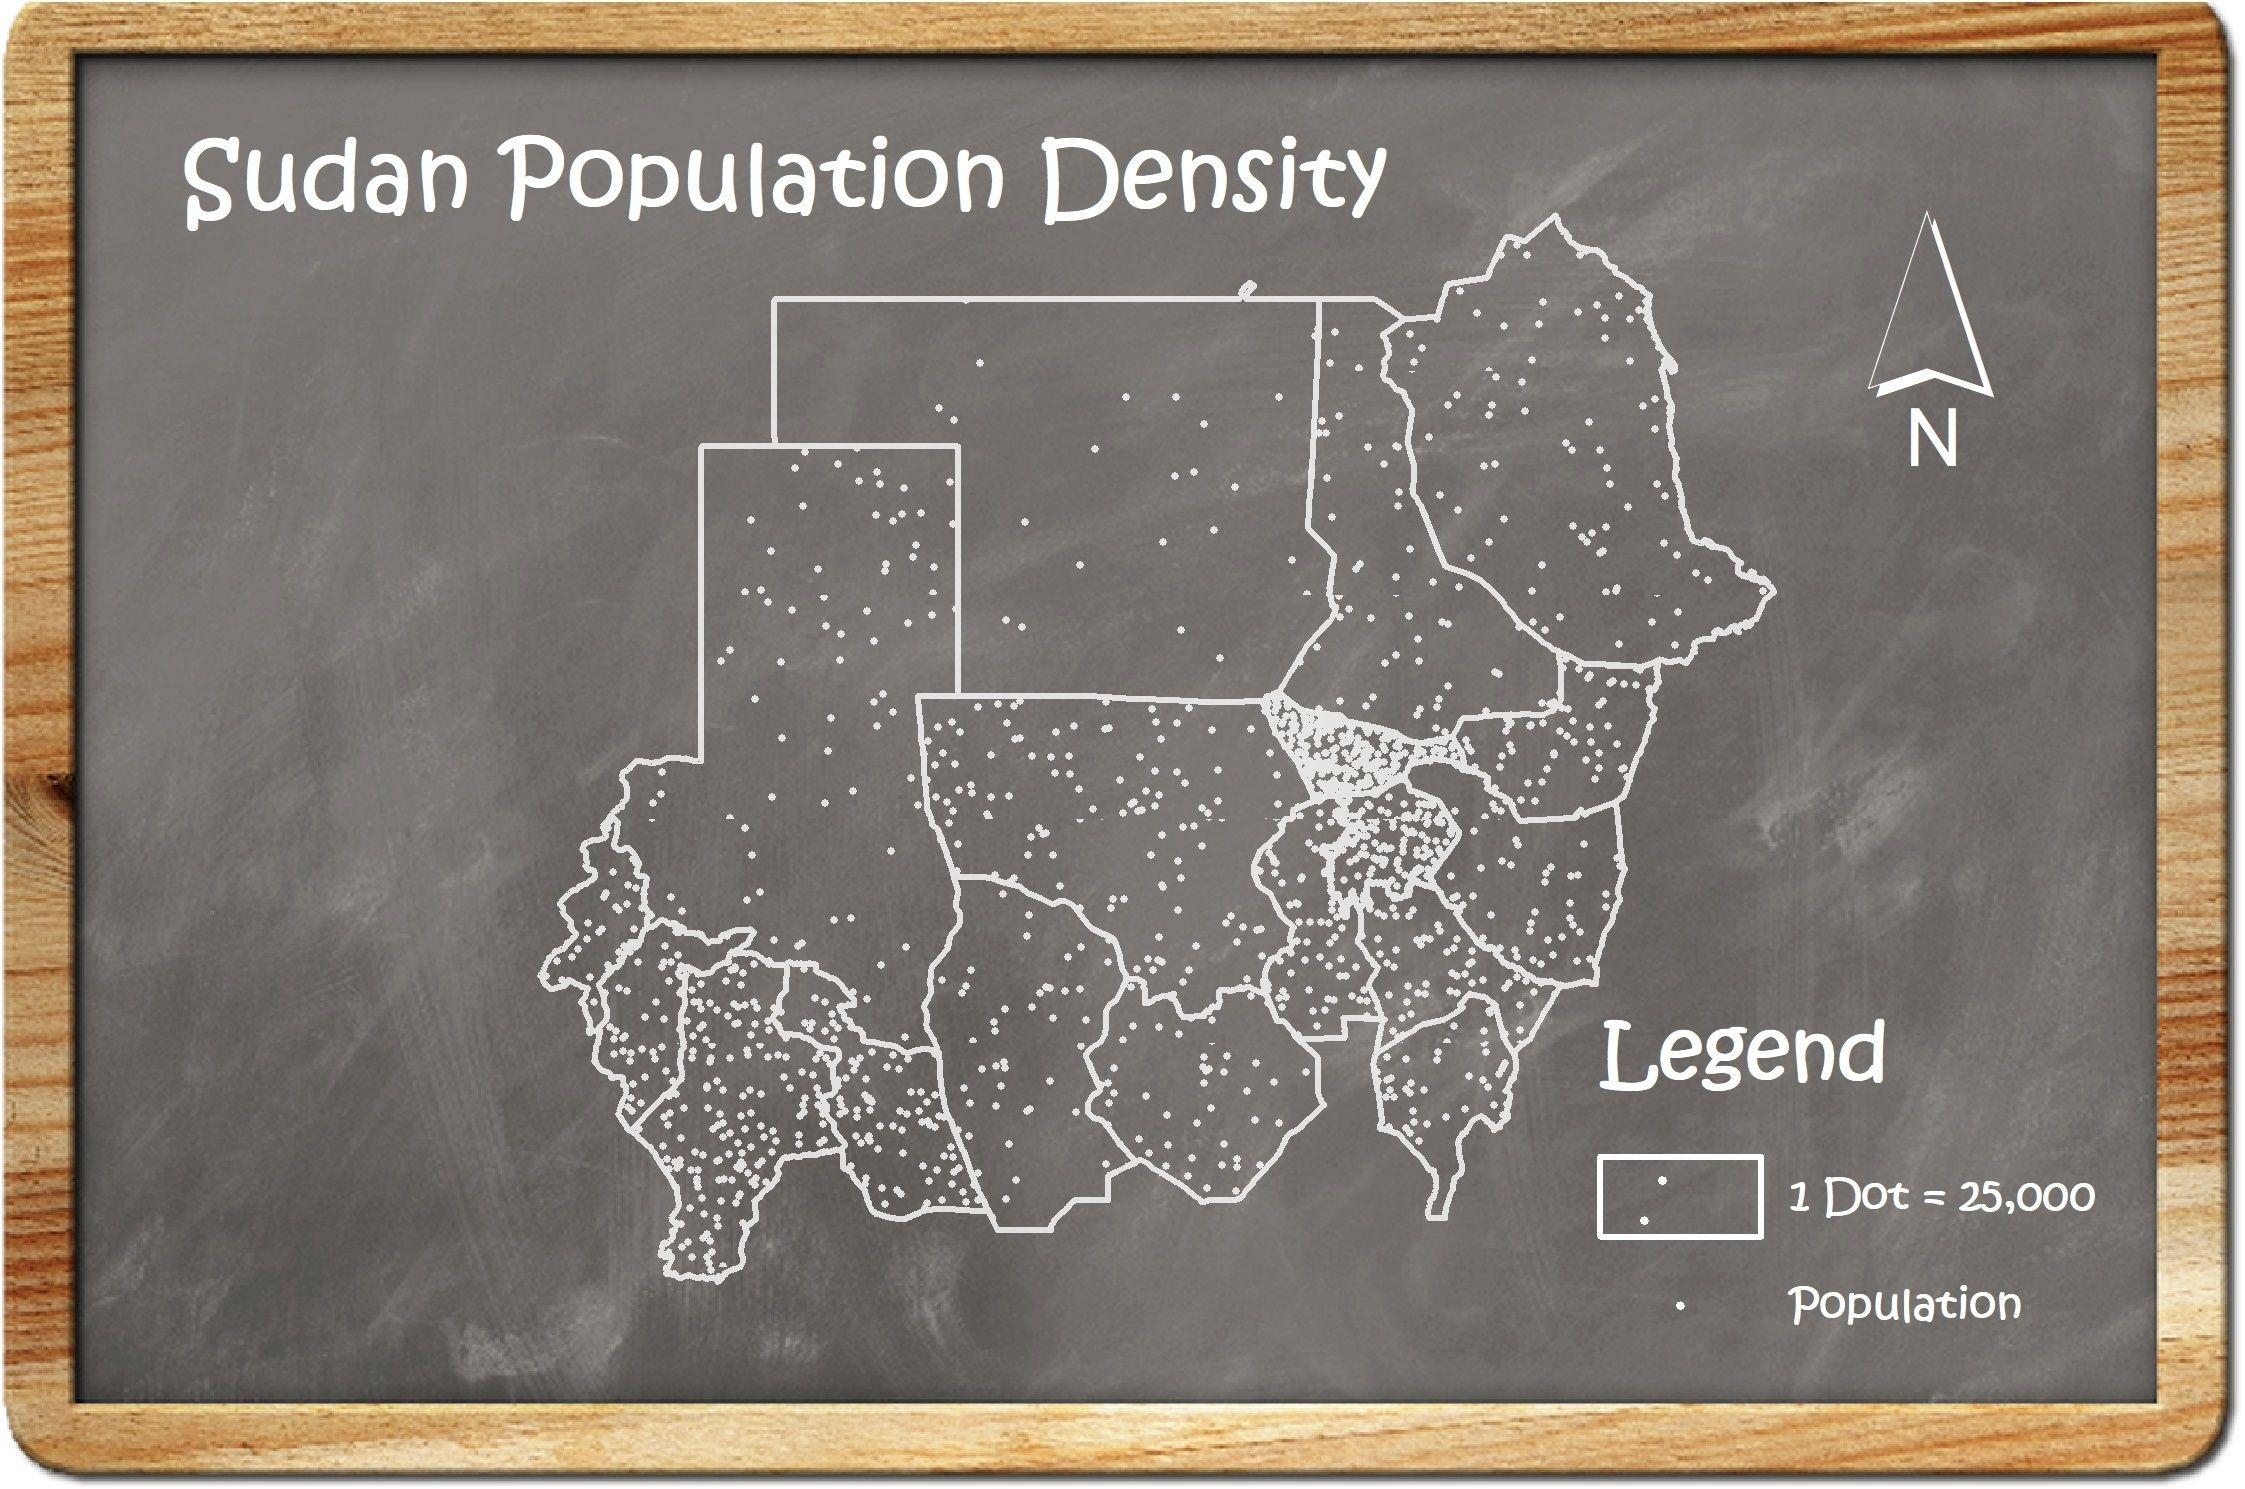 خريطة كثافة سكانية على سبورة سوداء Map Cartography Design